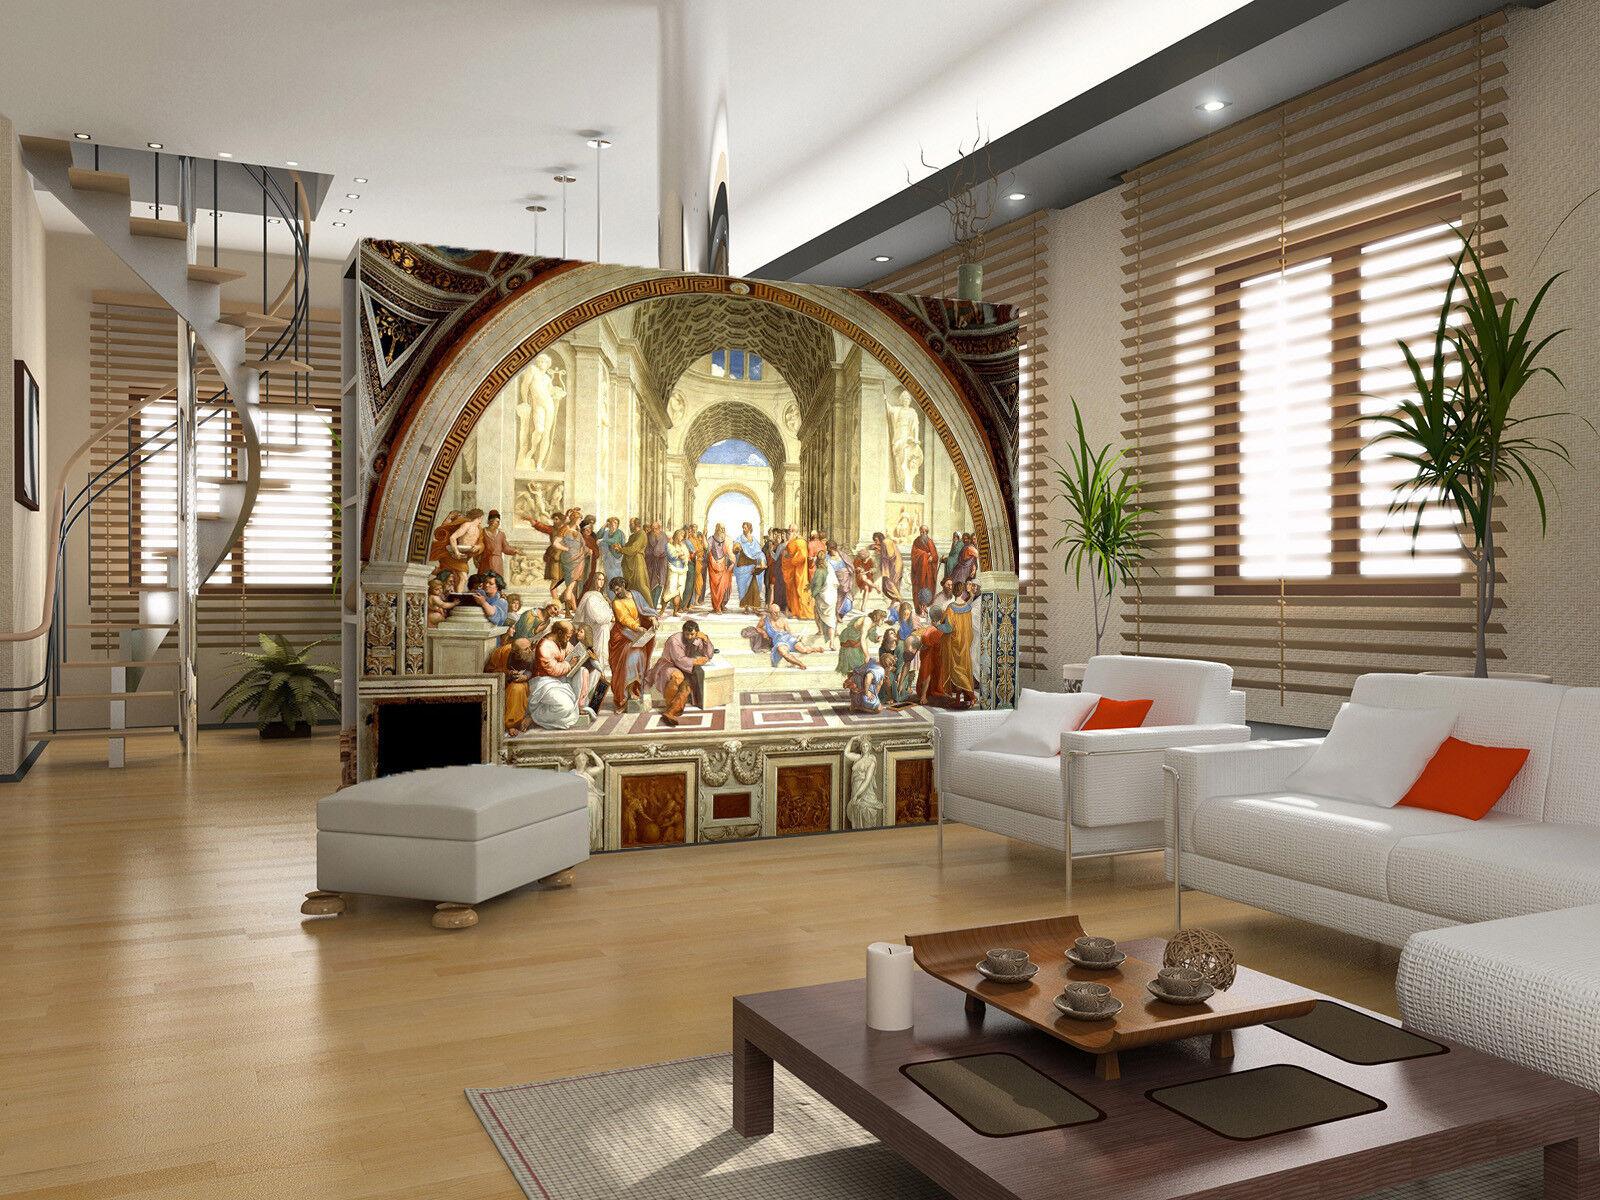 3D Kirchen Malerei 8958 Tapete Wandgemälde Wandgemälde Wandgemälde Tapeten Bild Familie DE Jenny | Sale Düsseldorf  | Ausgewählte Materialien  | Moderne Technologie  632936